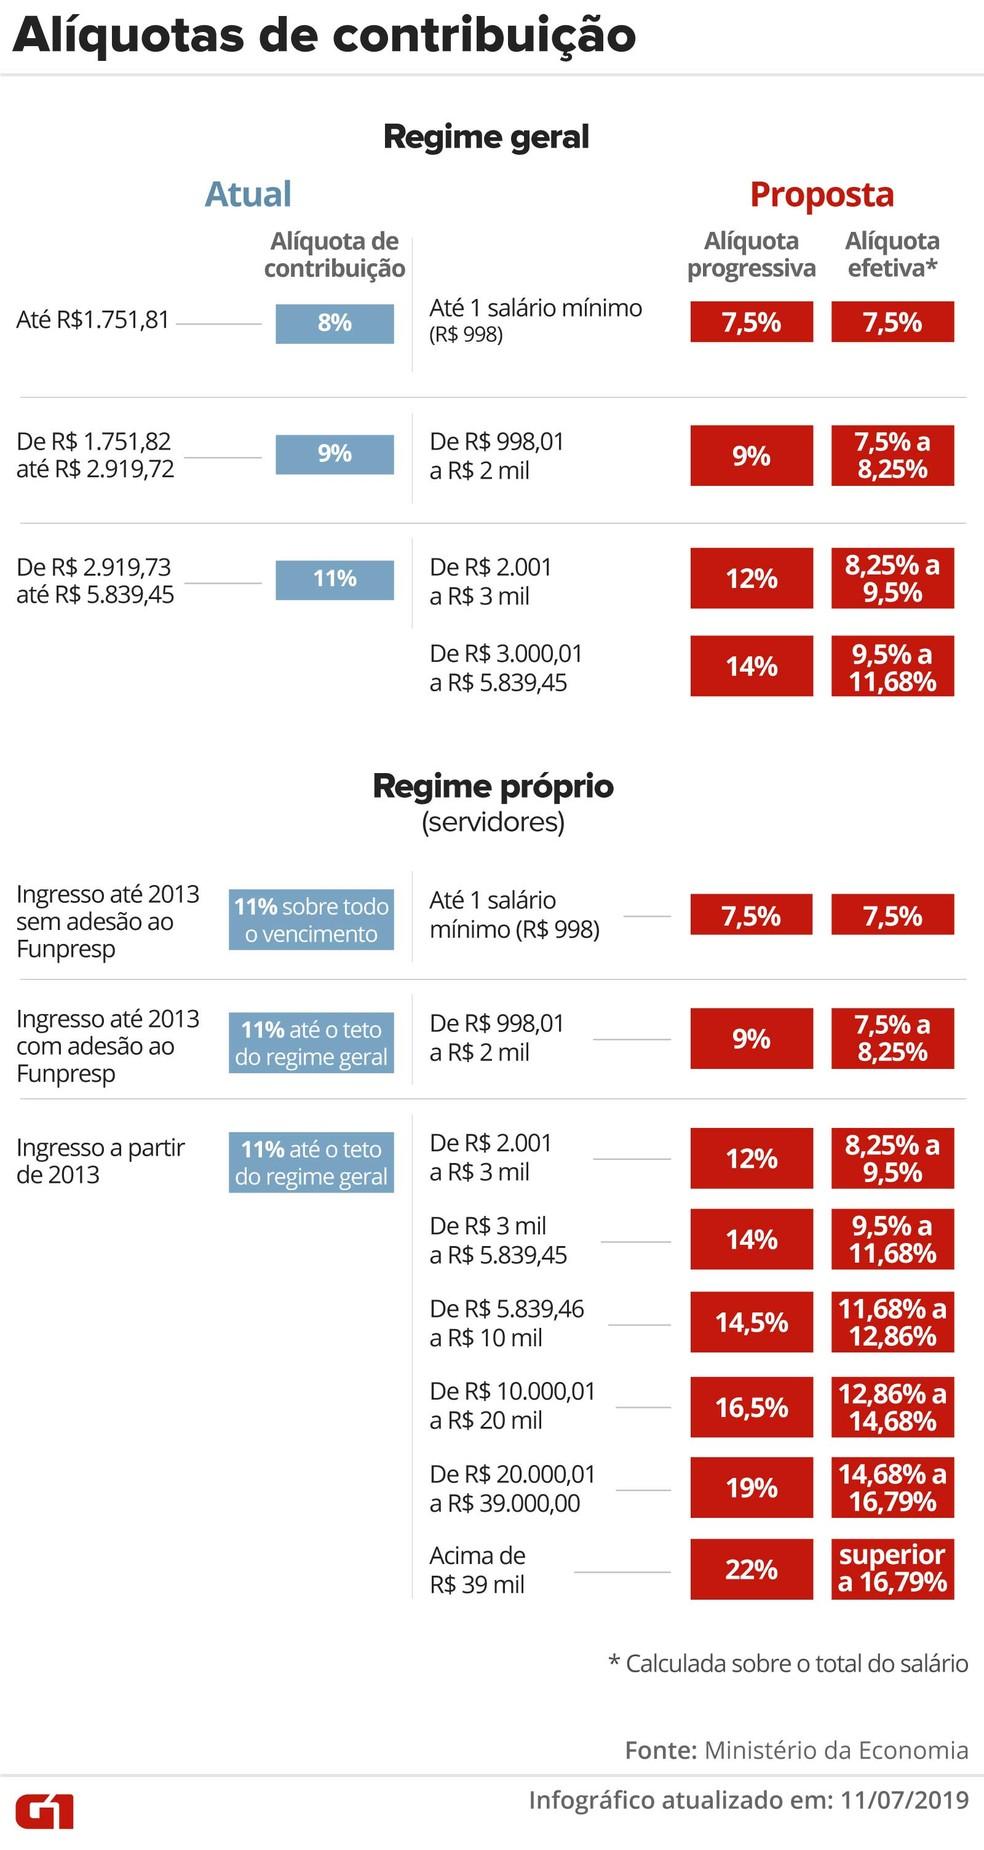 Reforma da Previdência propõe mudança na alíquota de contribuição  — Foto: Infografia G1